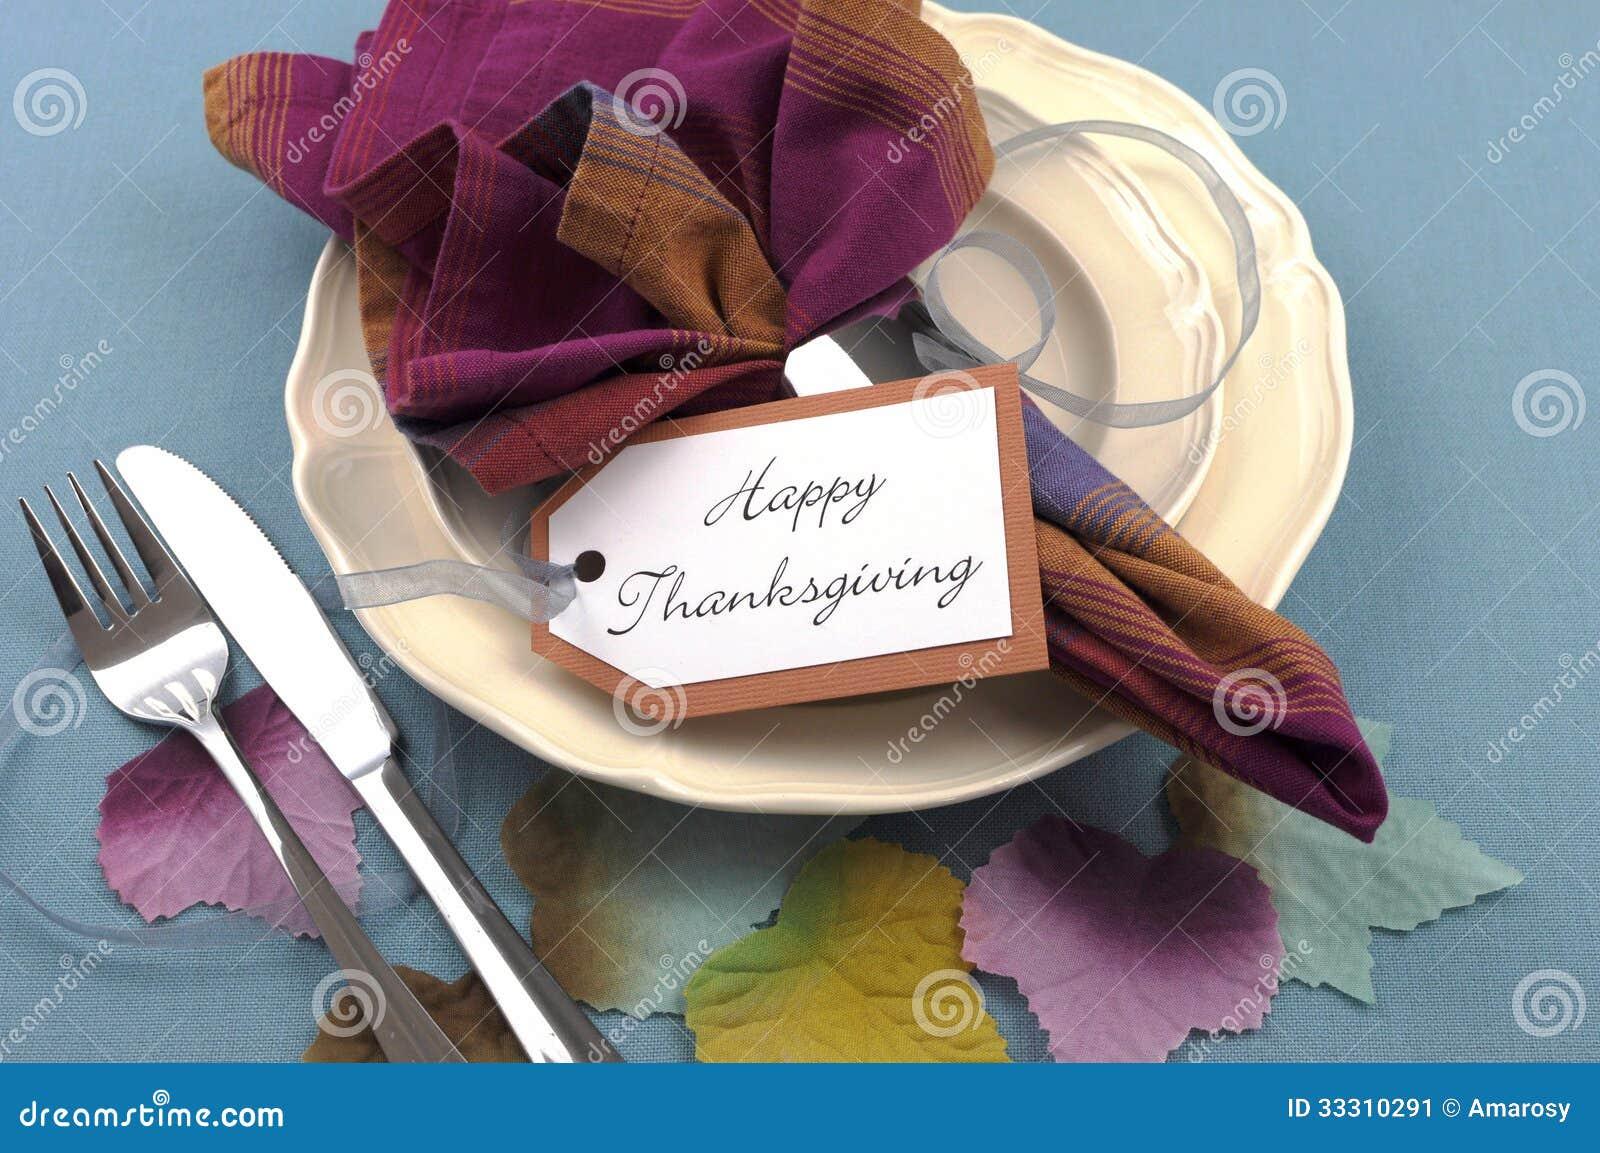 couvert moderne de table de salle manger de thanksgiving avec des feuilles d 39 automne image. Black Bedroom Furniture Sets. Home Design Ideas